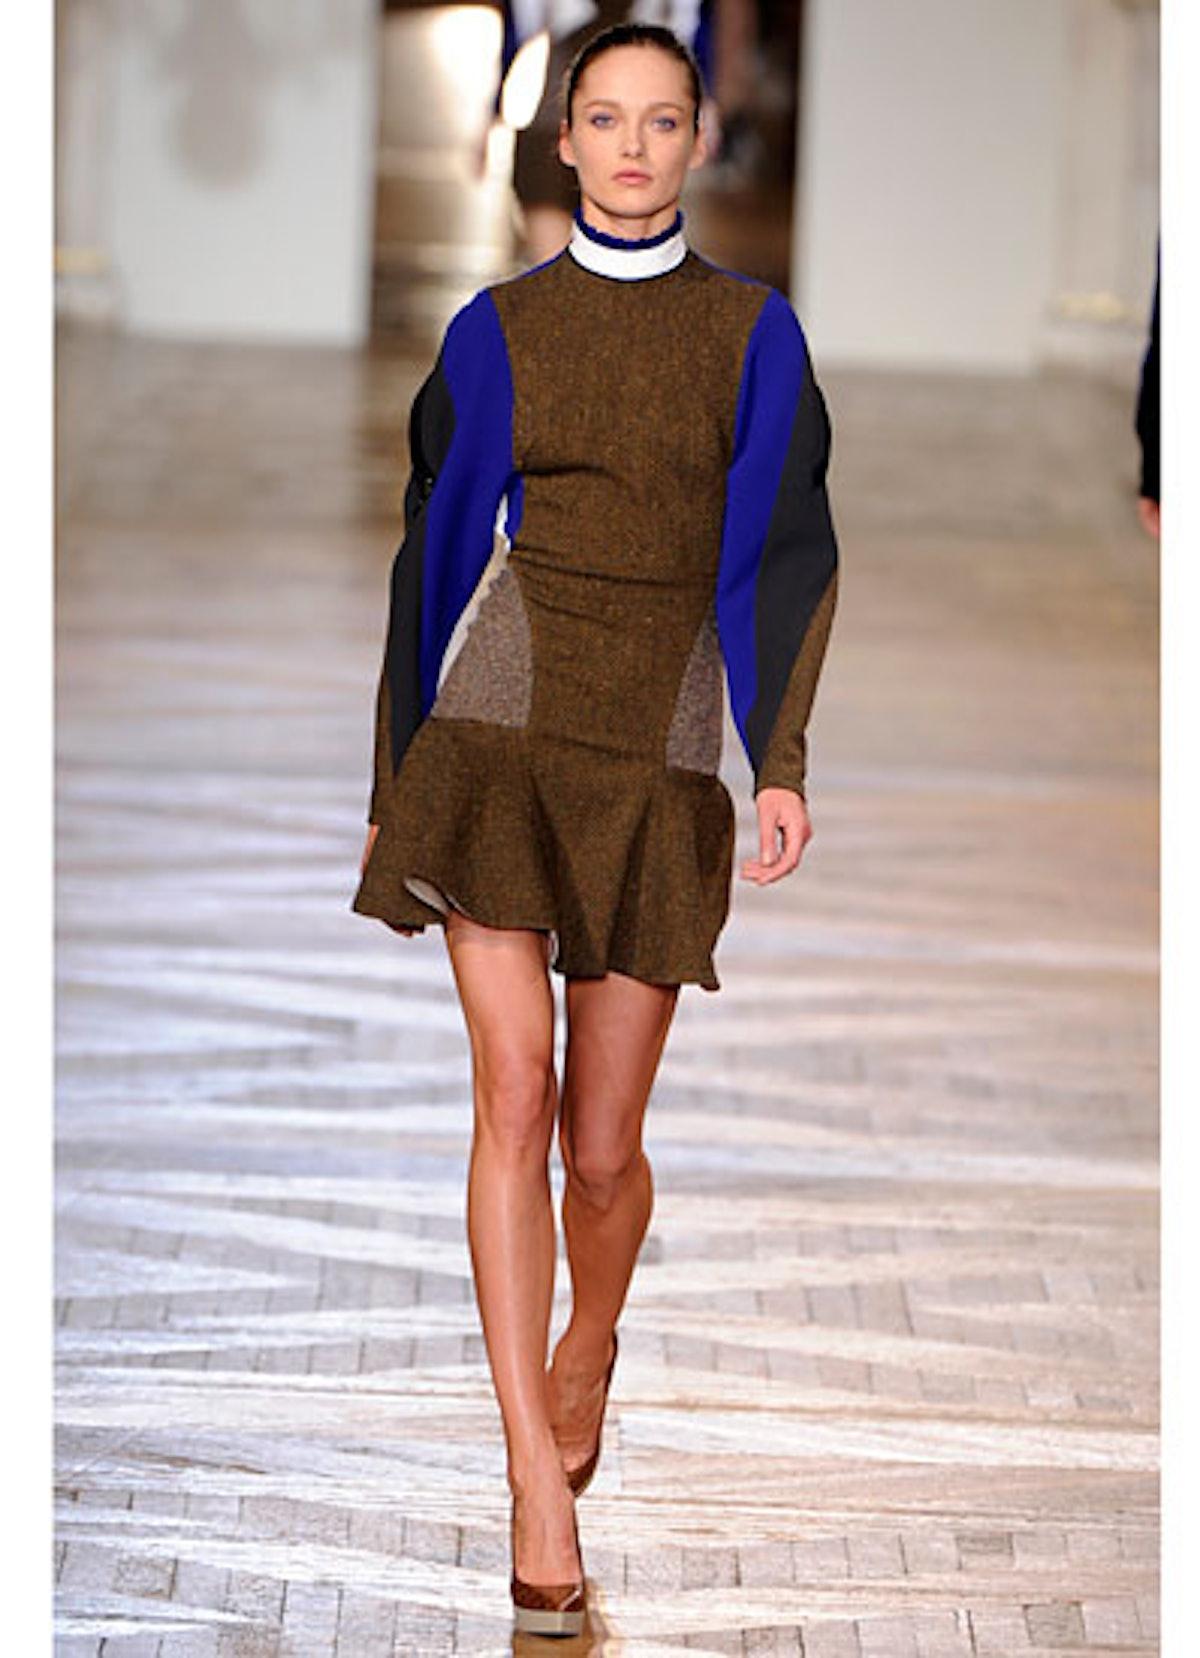 fass-fall-2012-fashion-roundup-06-v.jpg